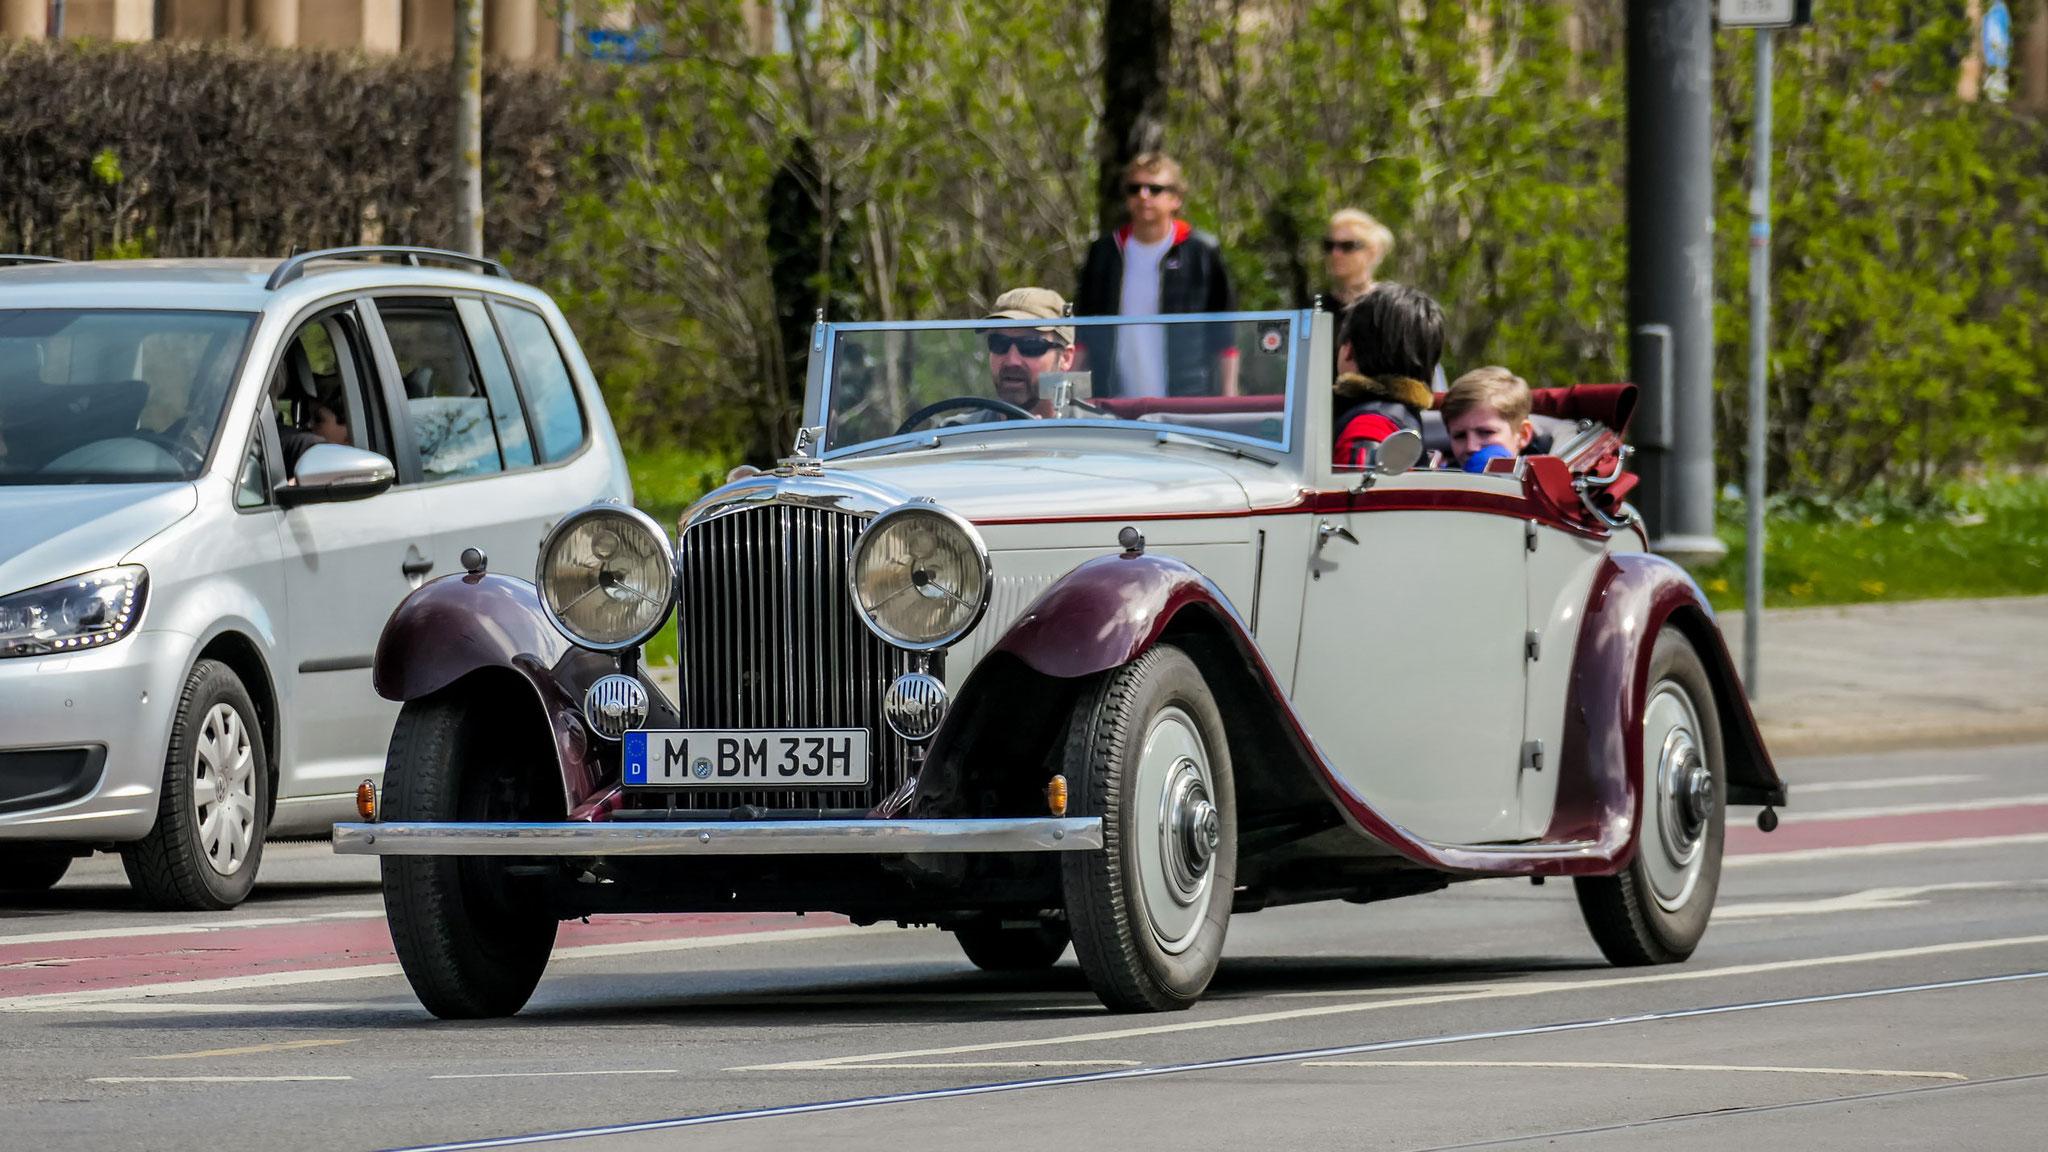 Bentley 3 1/2 Litre - M-BM-33H